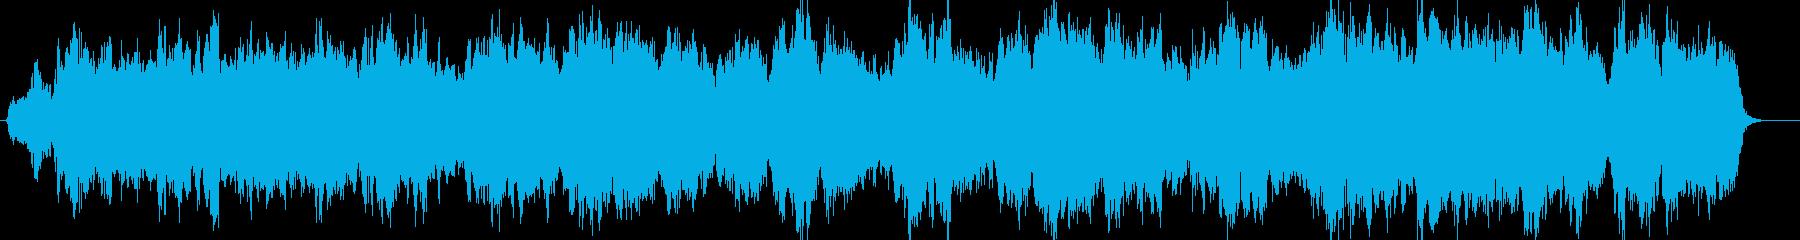 ゆったりとしたオーケストラ楽曲の再生済みの波形